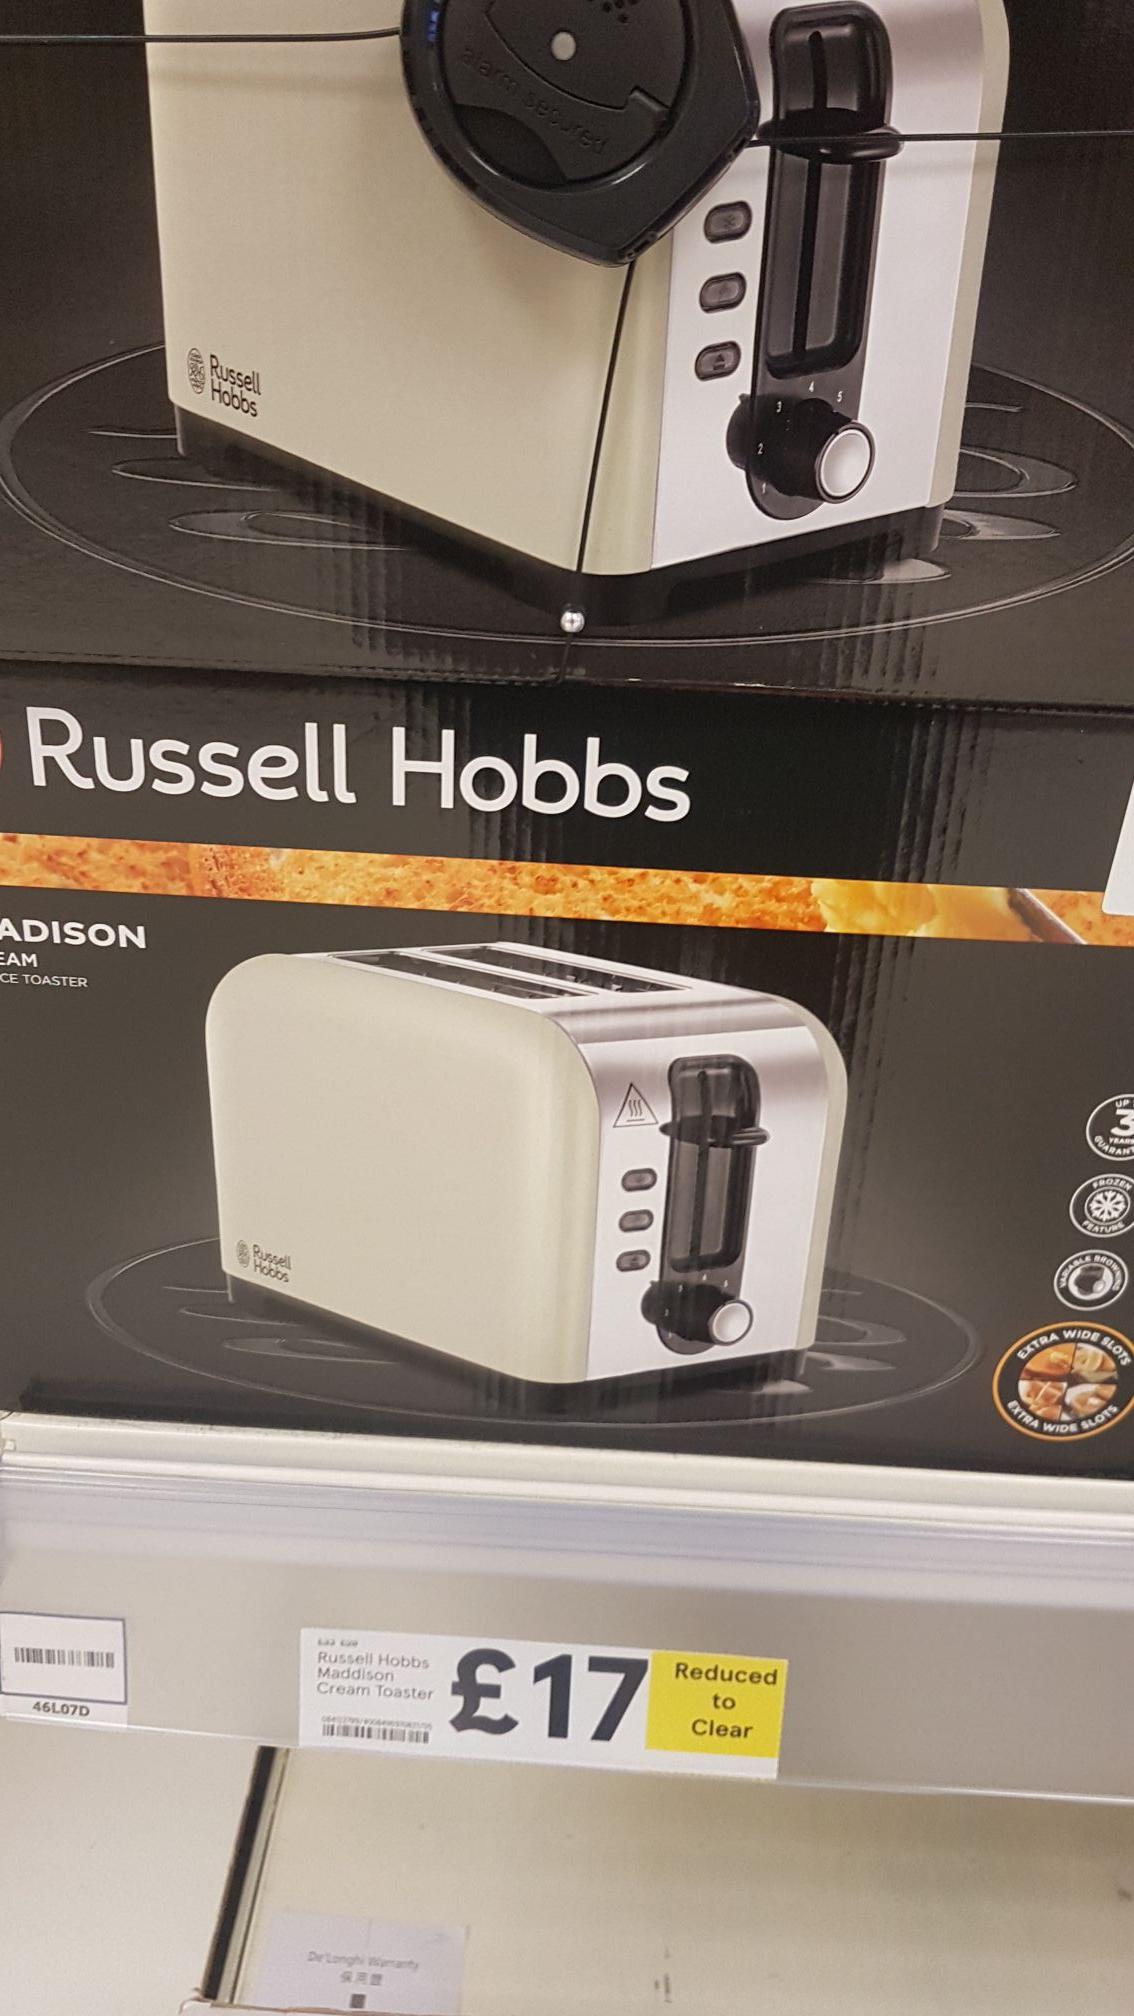 Russell hobbs toaster £17 instore @ Tesco Bradford